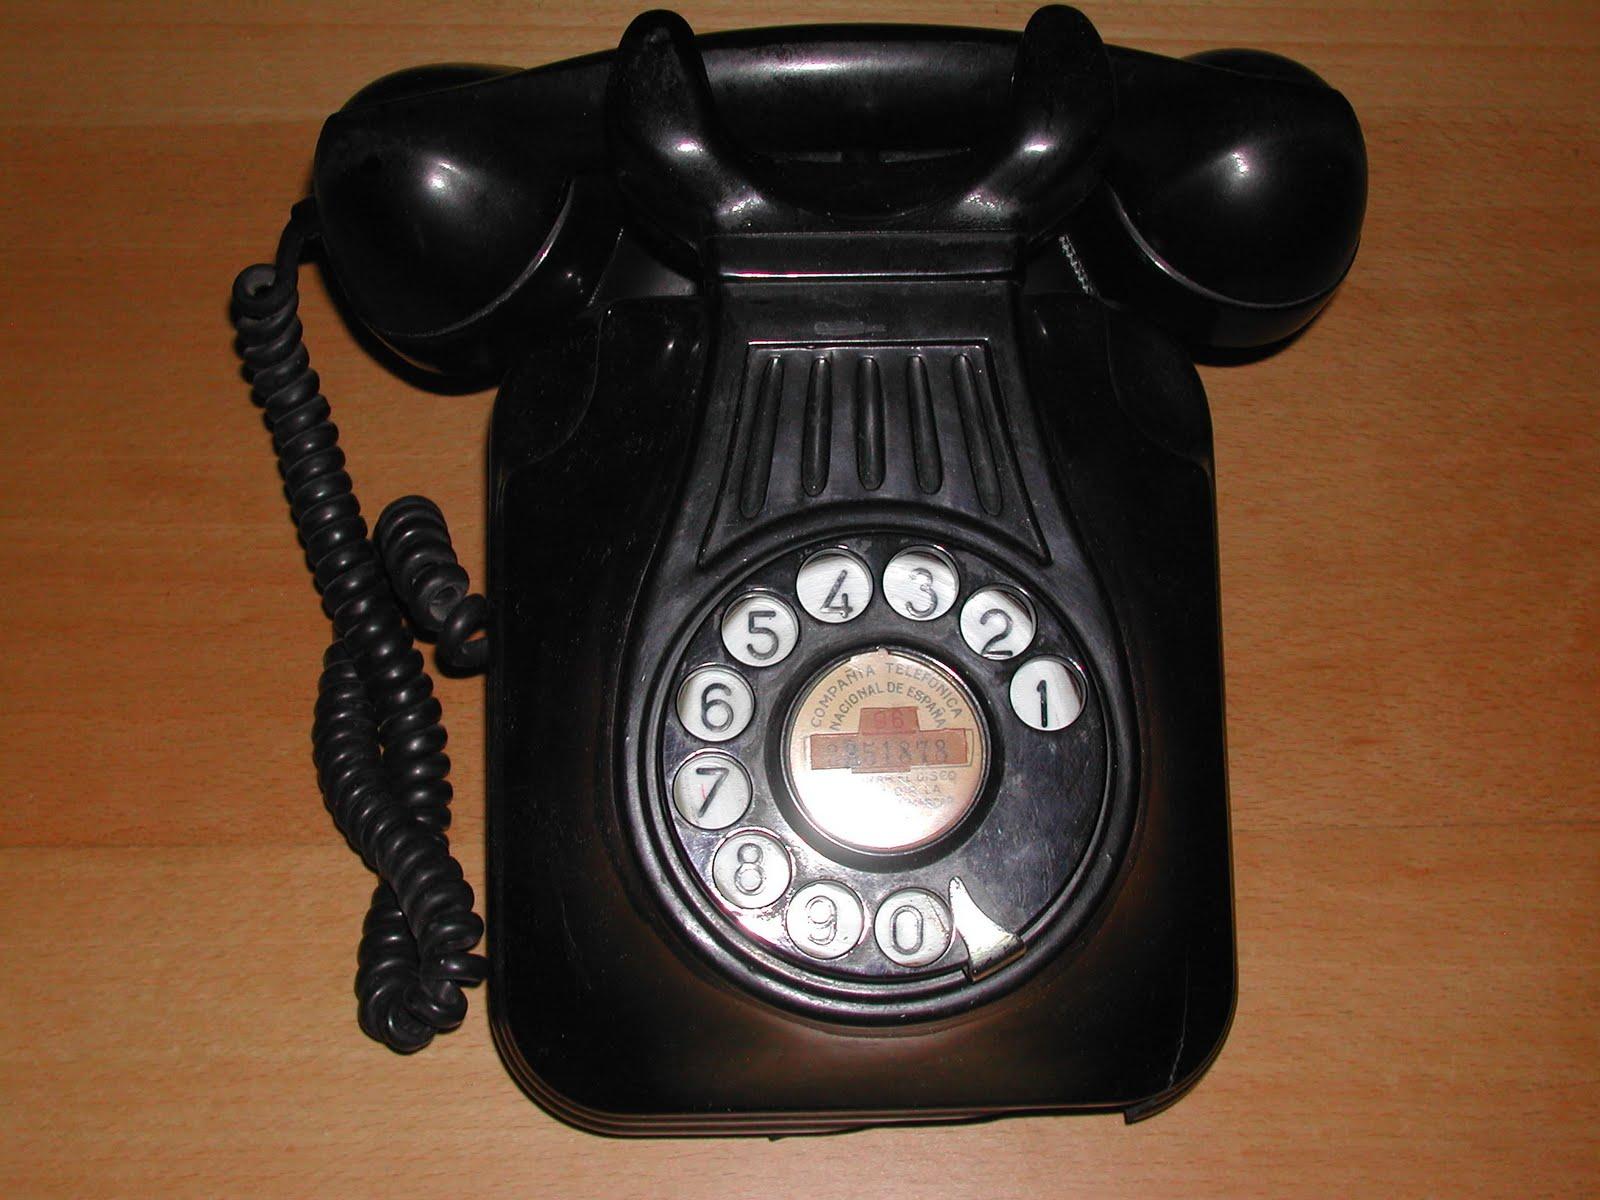 El tel fono imagenes de telefonos for Busqueda de telefonos por calles